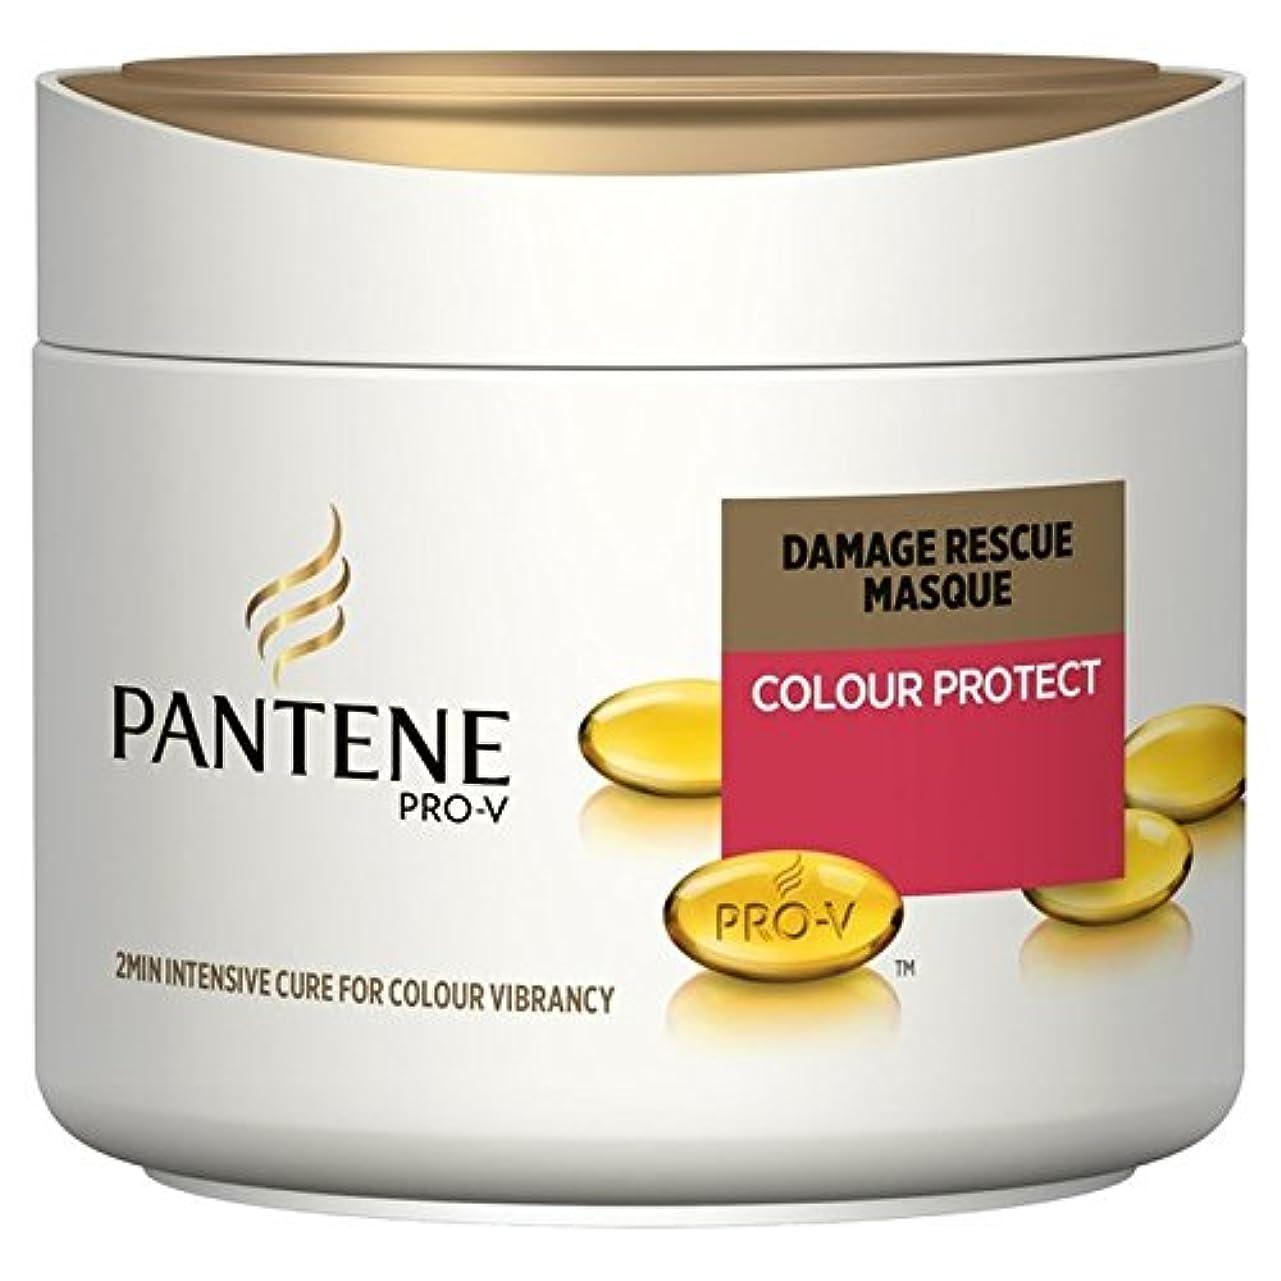 馬鹿げた管理するあなたはPantene 2min Colour Protect Damage Rescue Masque 300ml (Pack of 6) - パンテーンの2分の色が損傷レスキュー仮面の300ミリリットルを保護します x6 [並行輸入品]